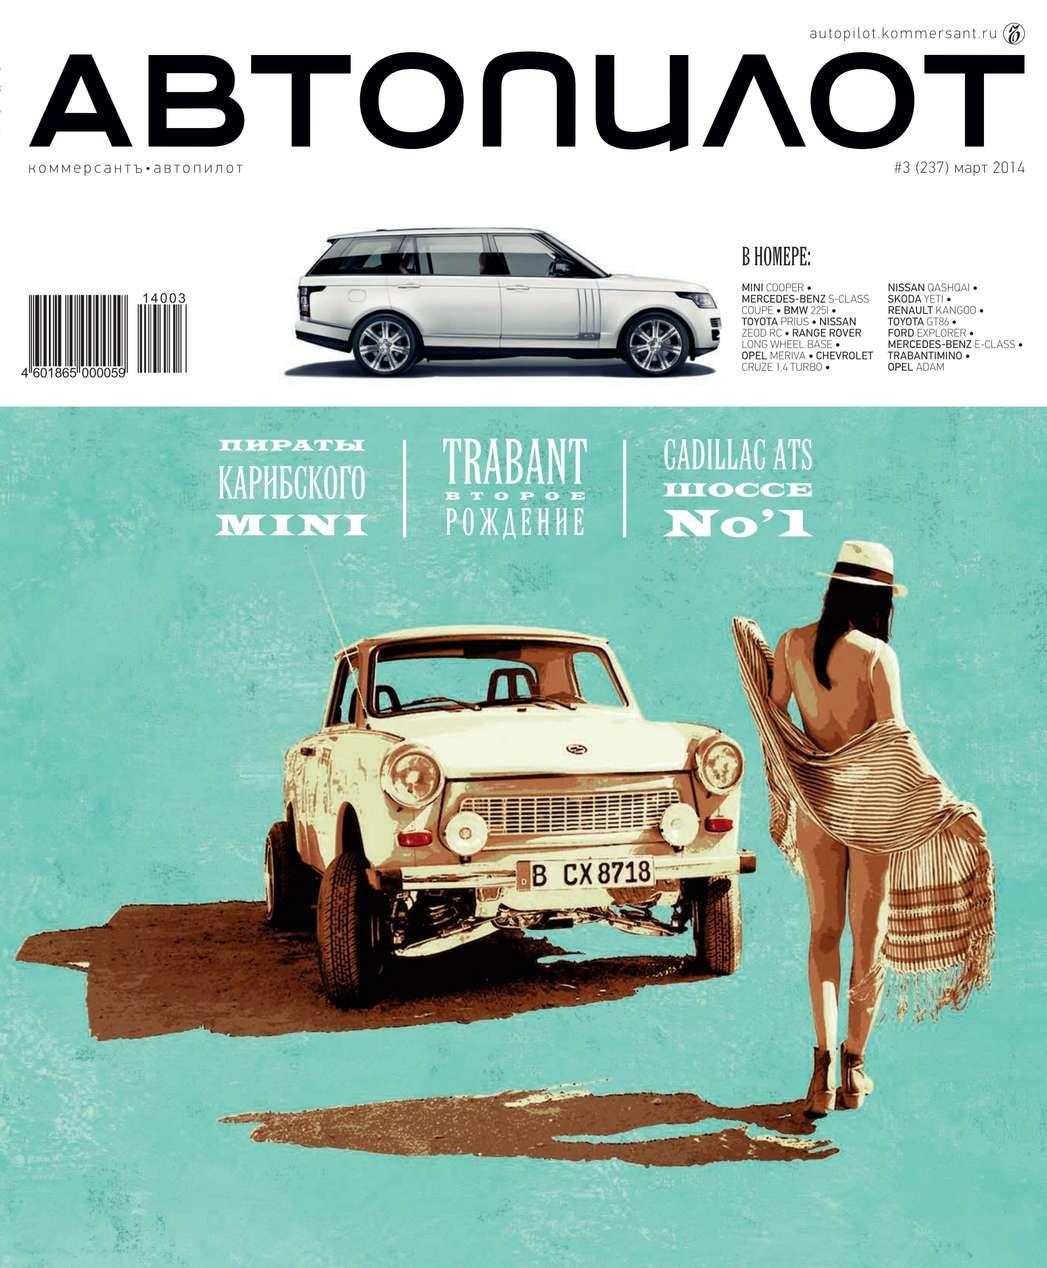 Редакция журнала Автопилот Автопилот 03-2014 новости для автомобилистов 2016